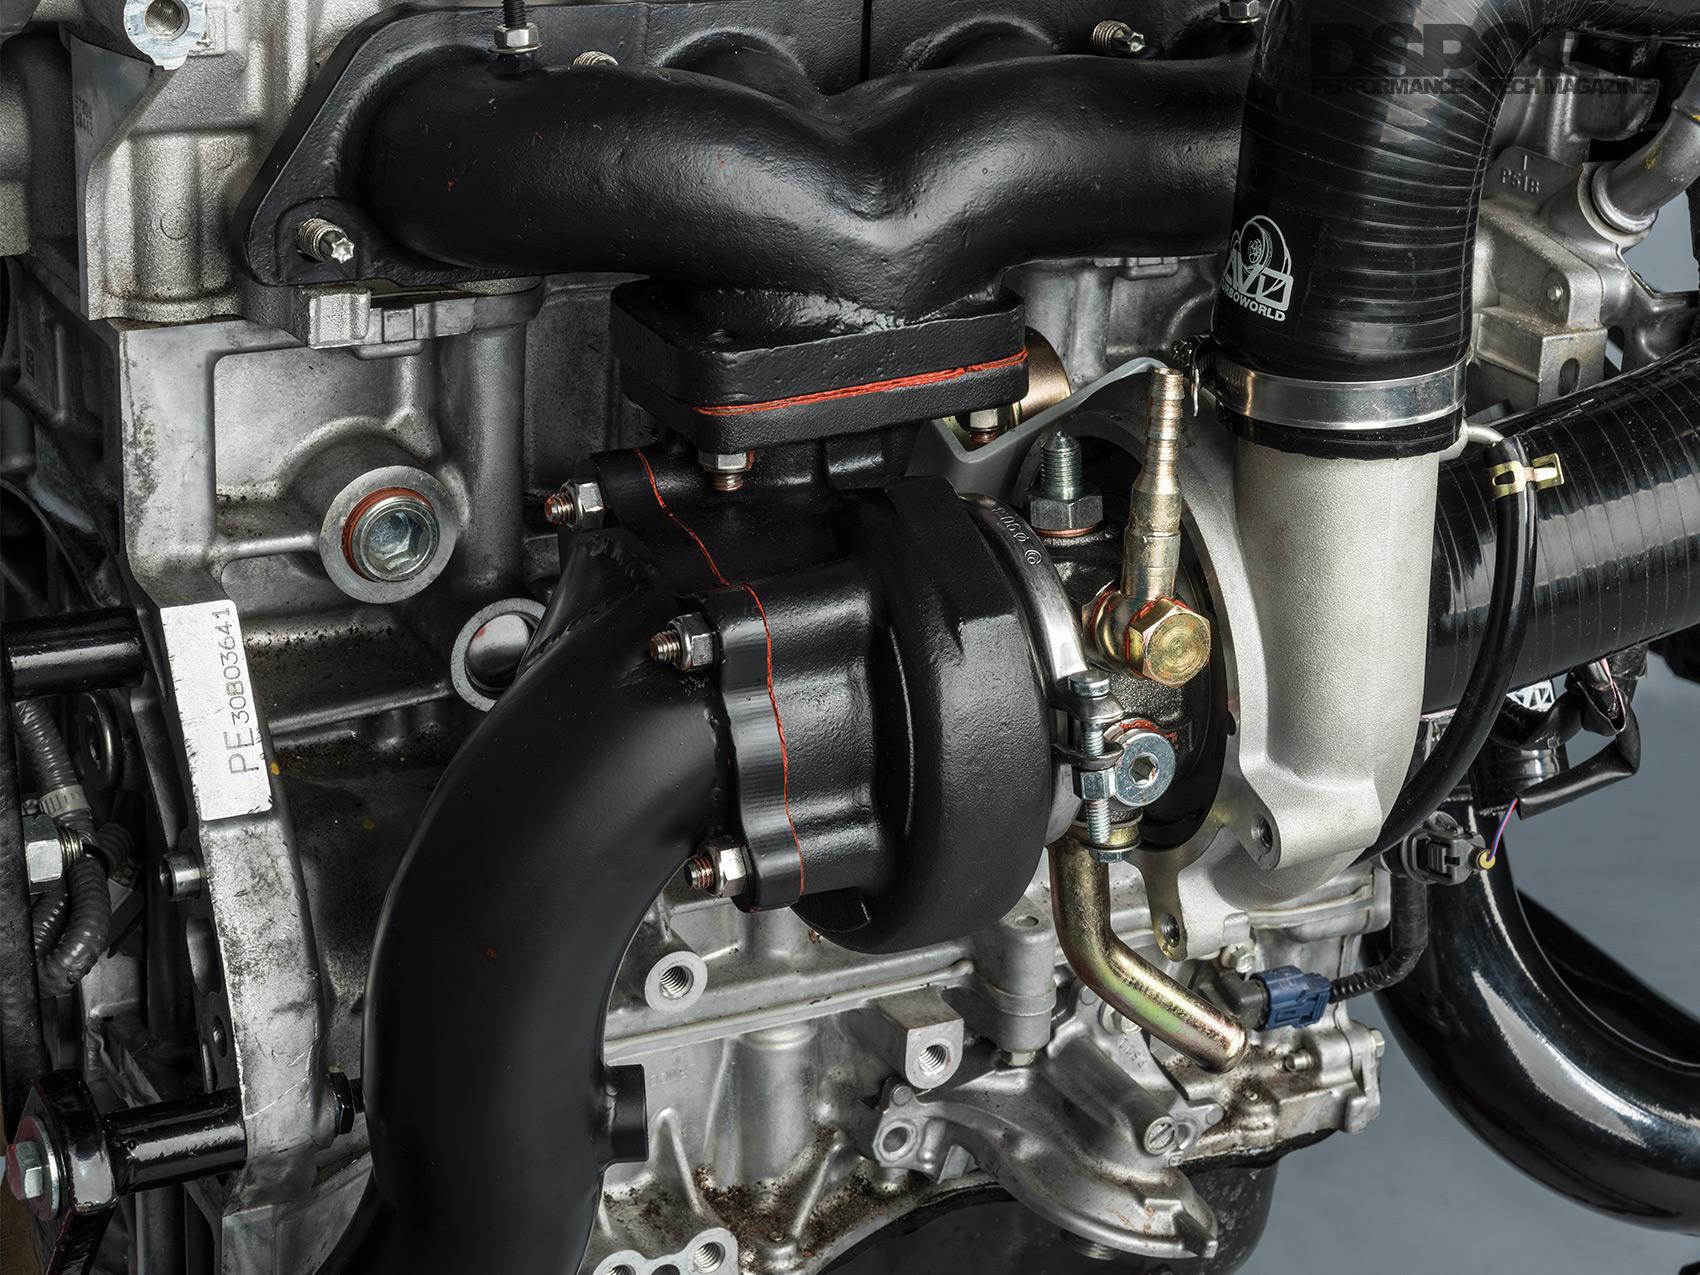 Miata Fuel Pump